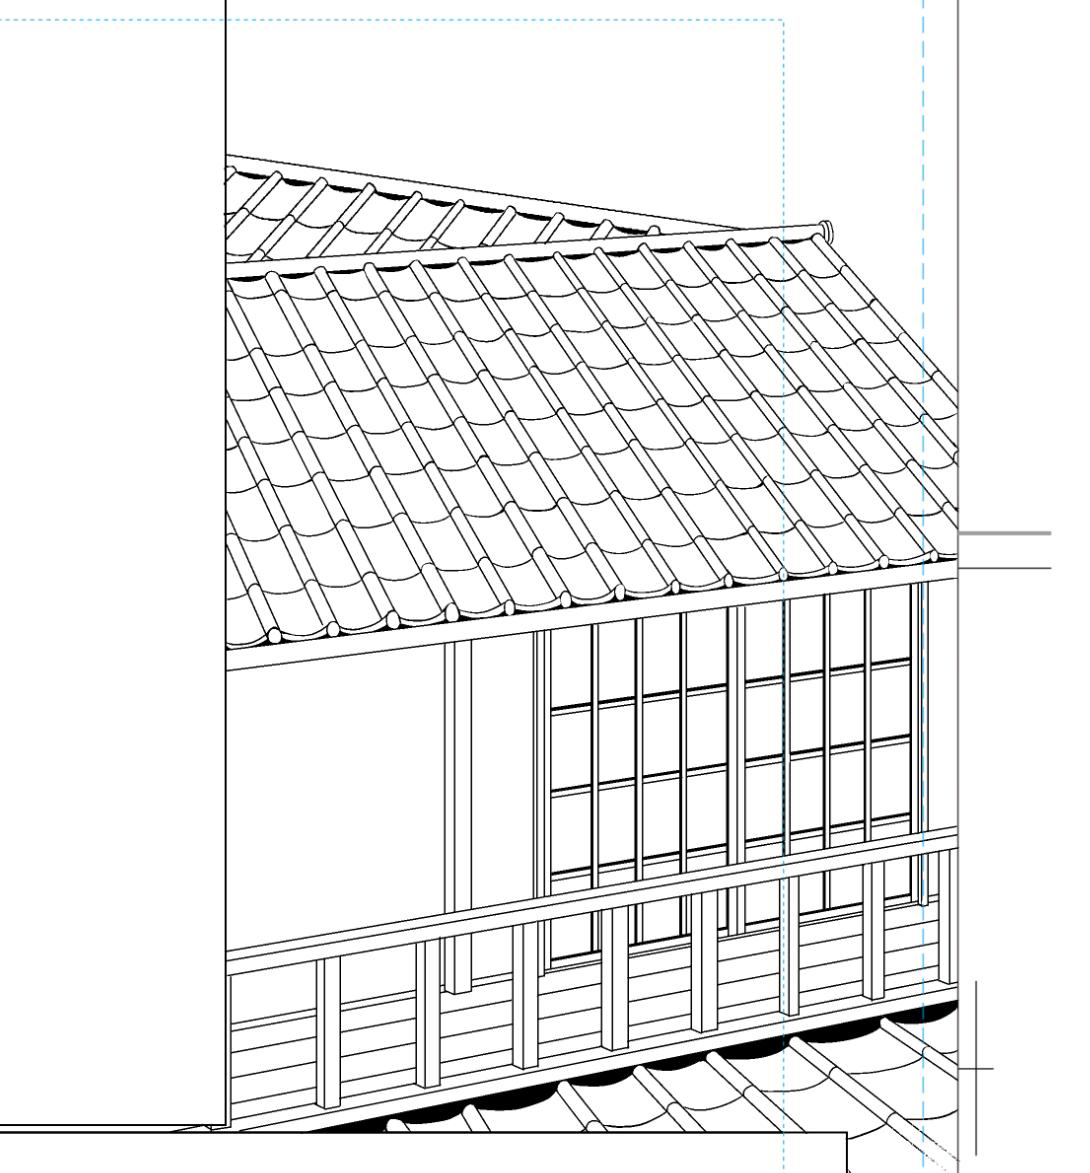 背景デザイン承ります イラスト背景、漫画背景を制作致します!